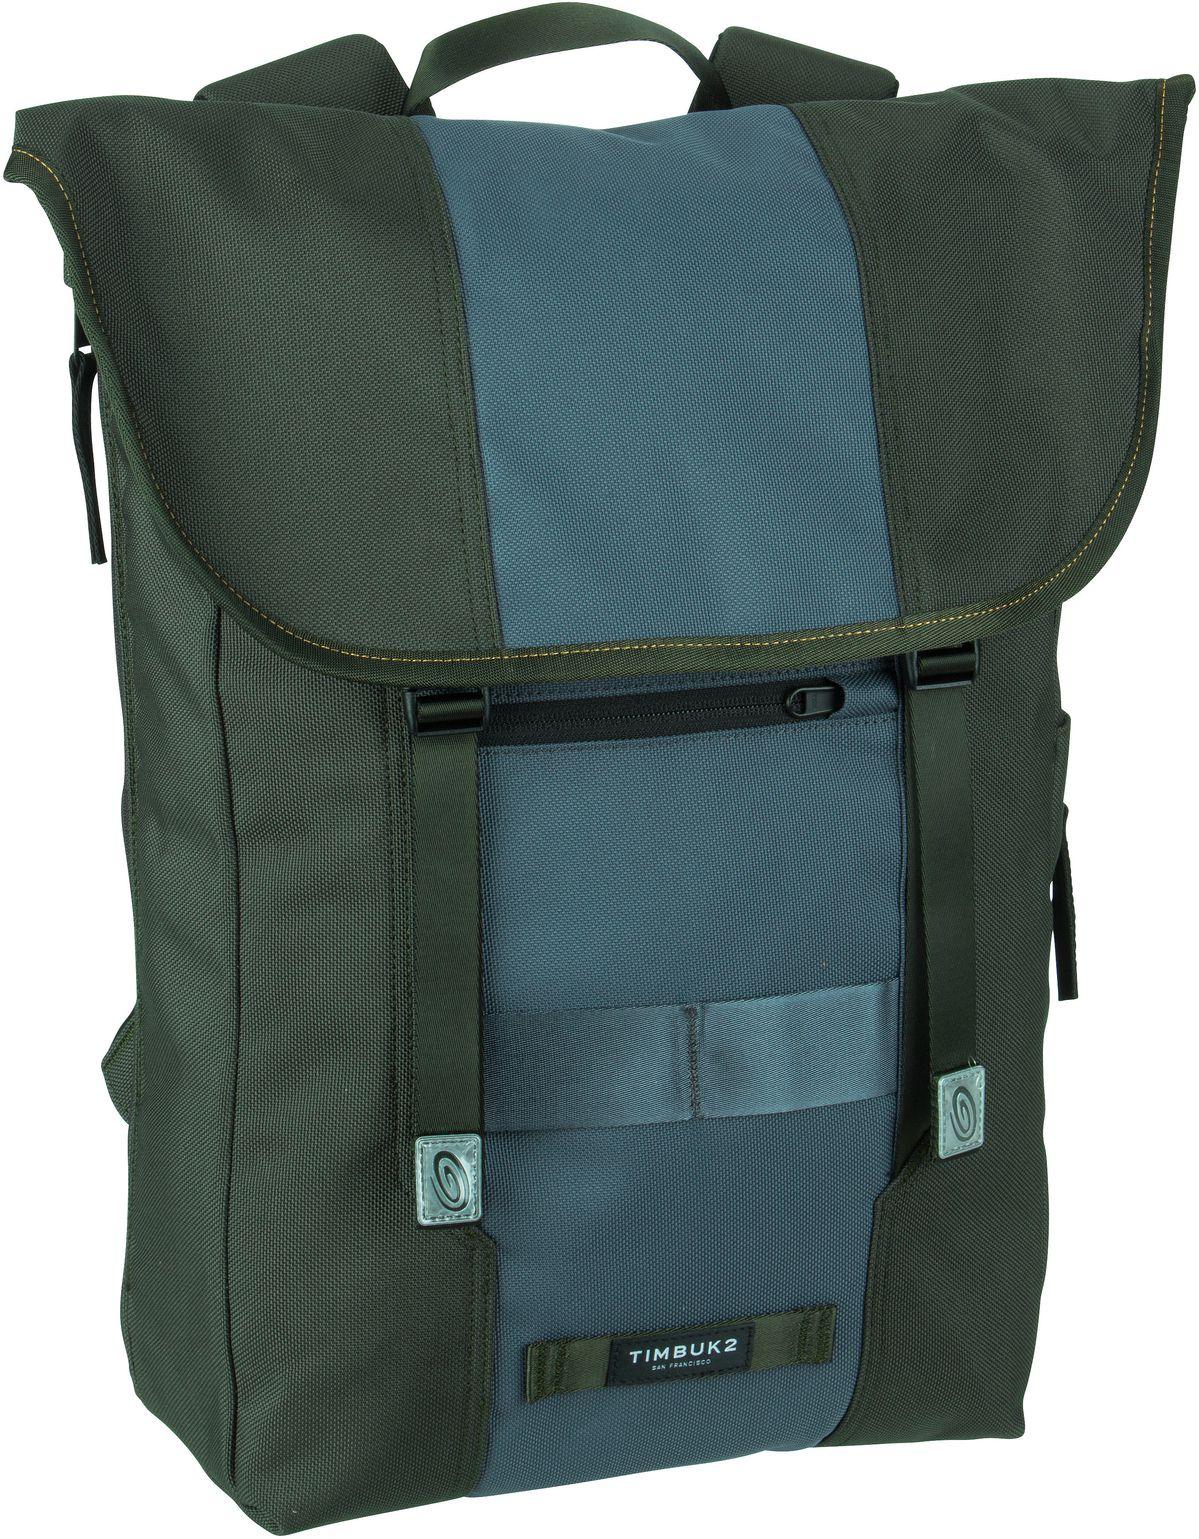 Laptoprucksack Swig Pack Outpost (innen: Olive) (16 Liter)